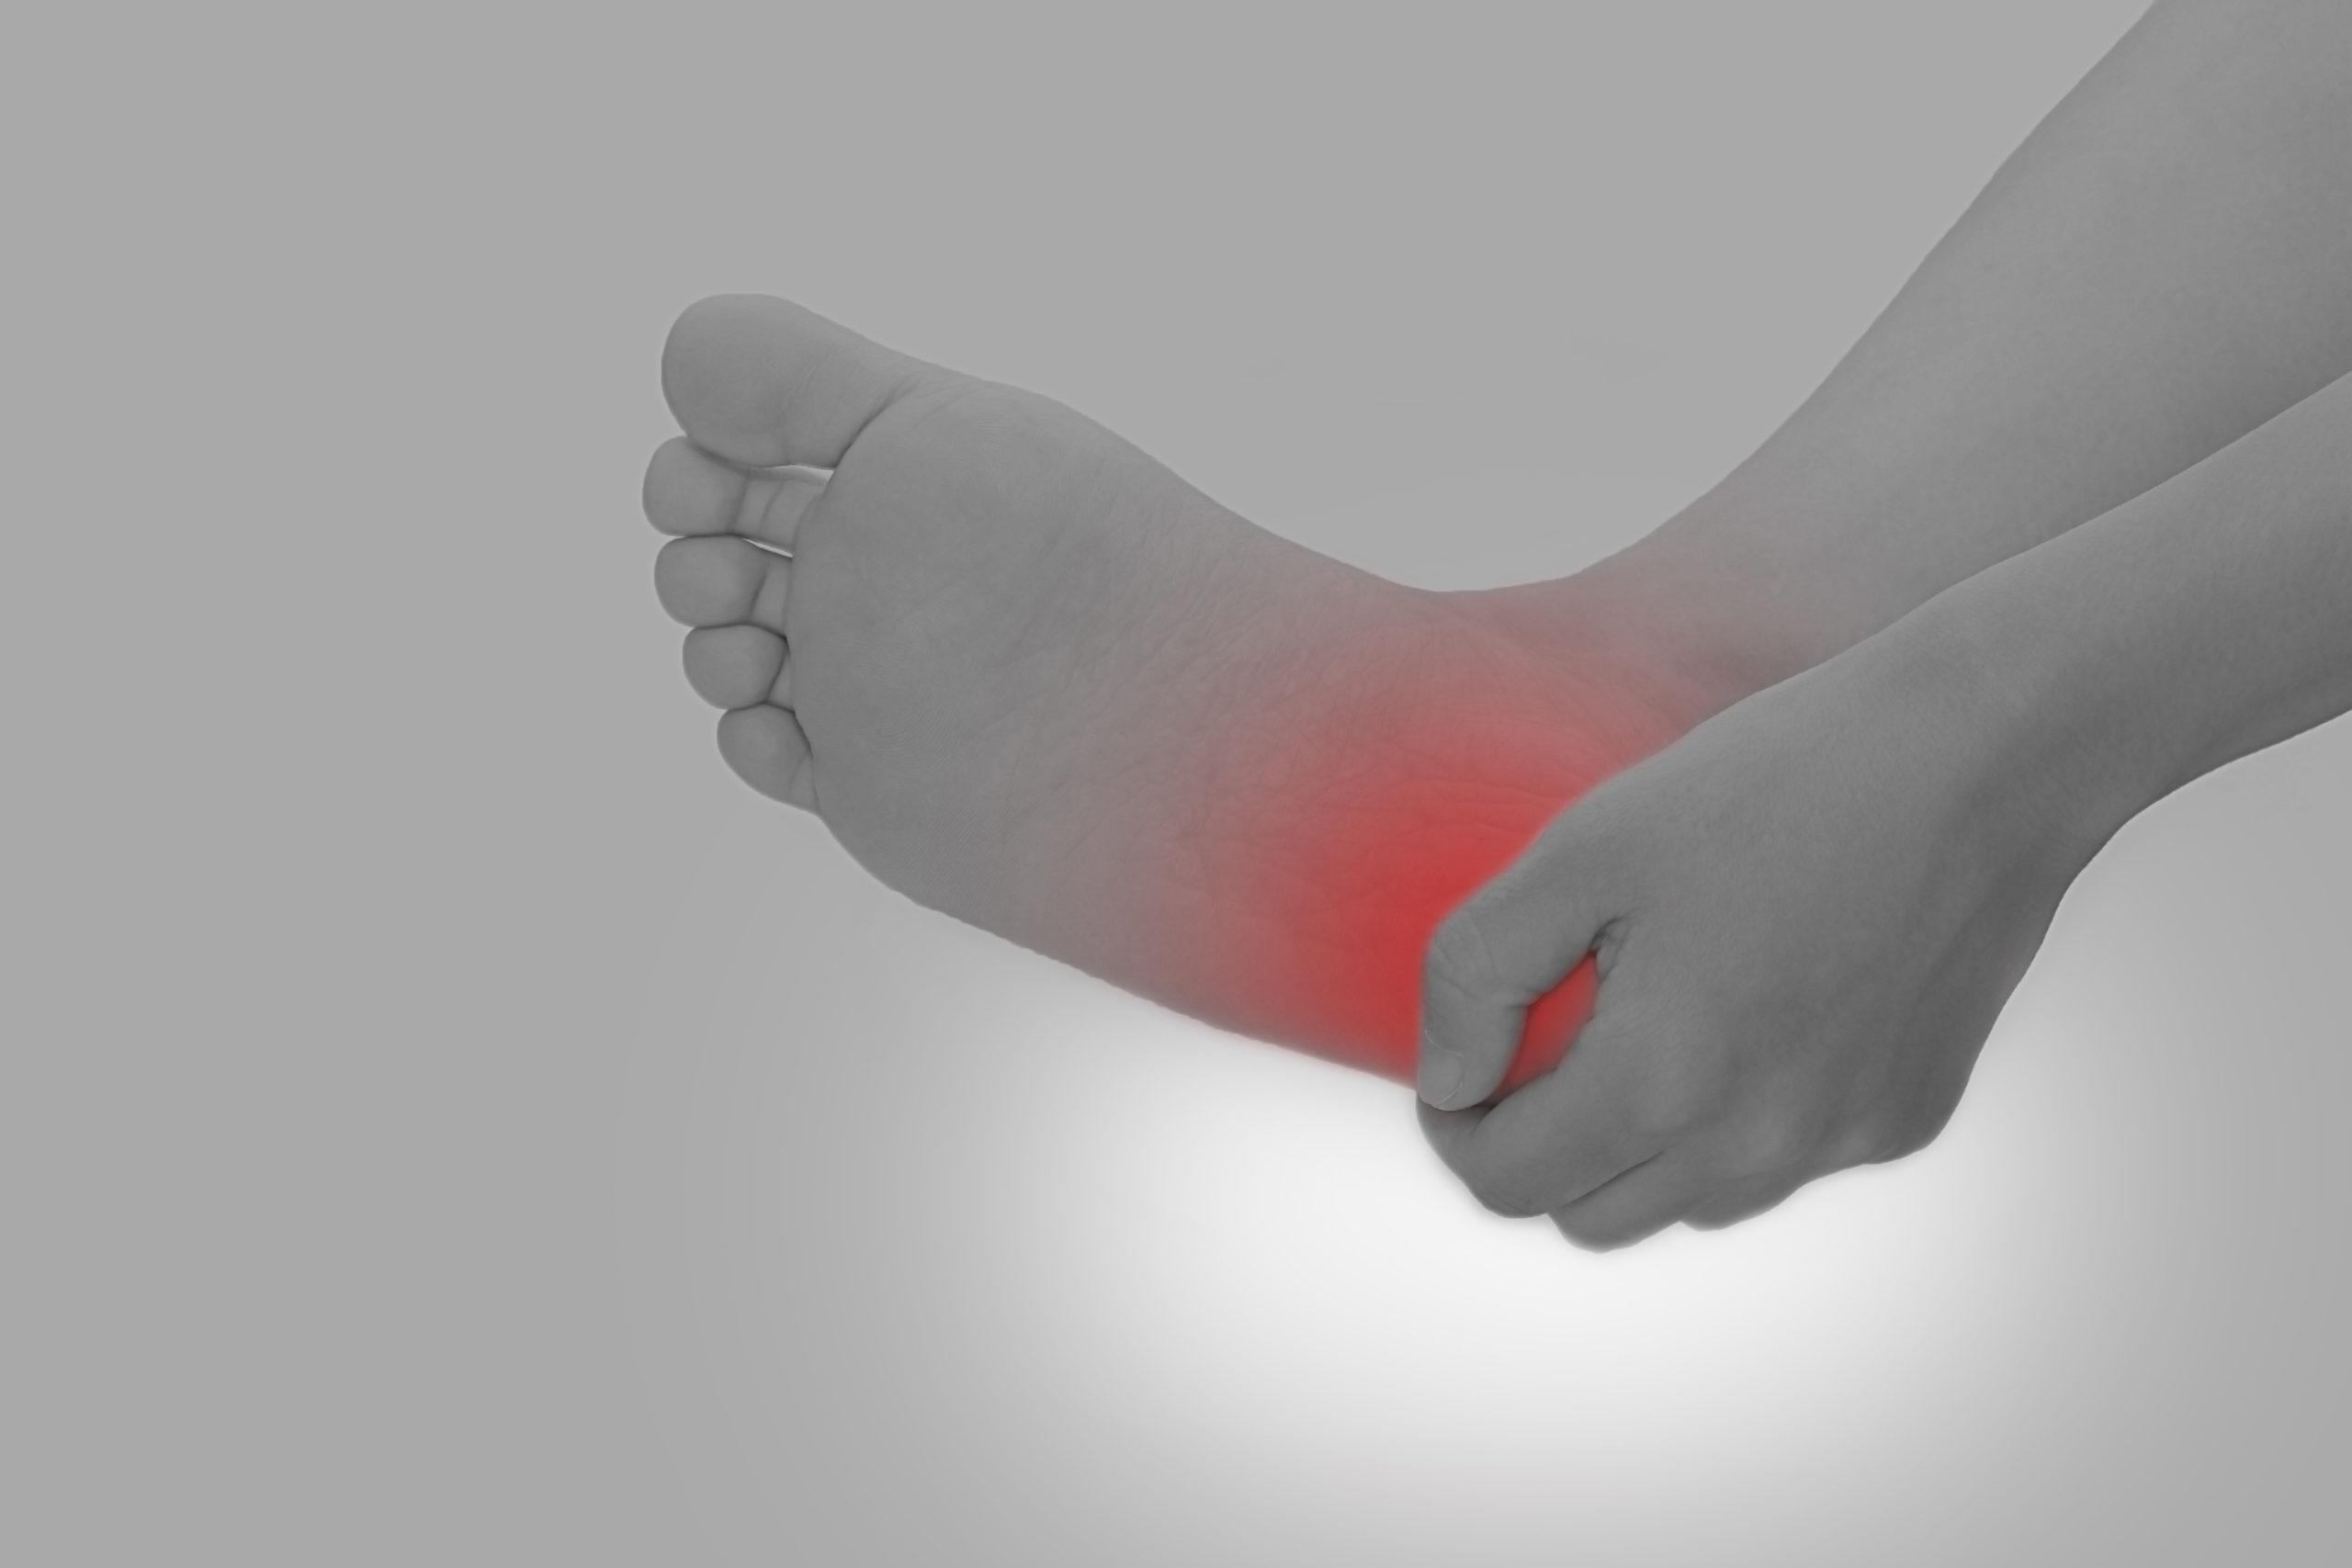 足裏や足首の痛みは偏平足から?偏平足の影響をご紹介